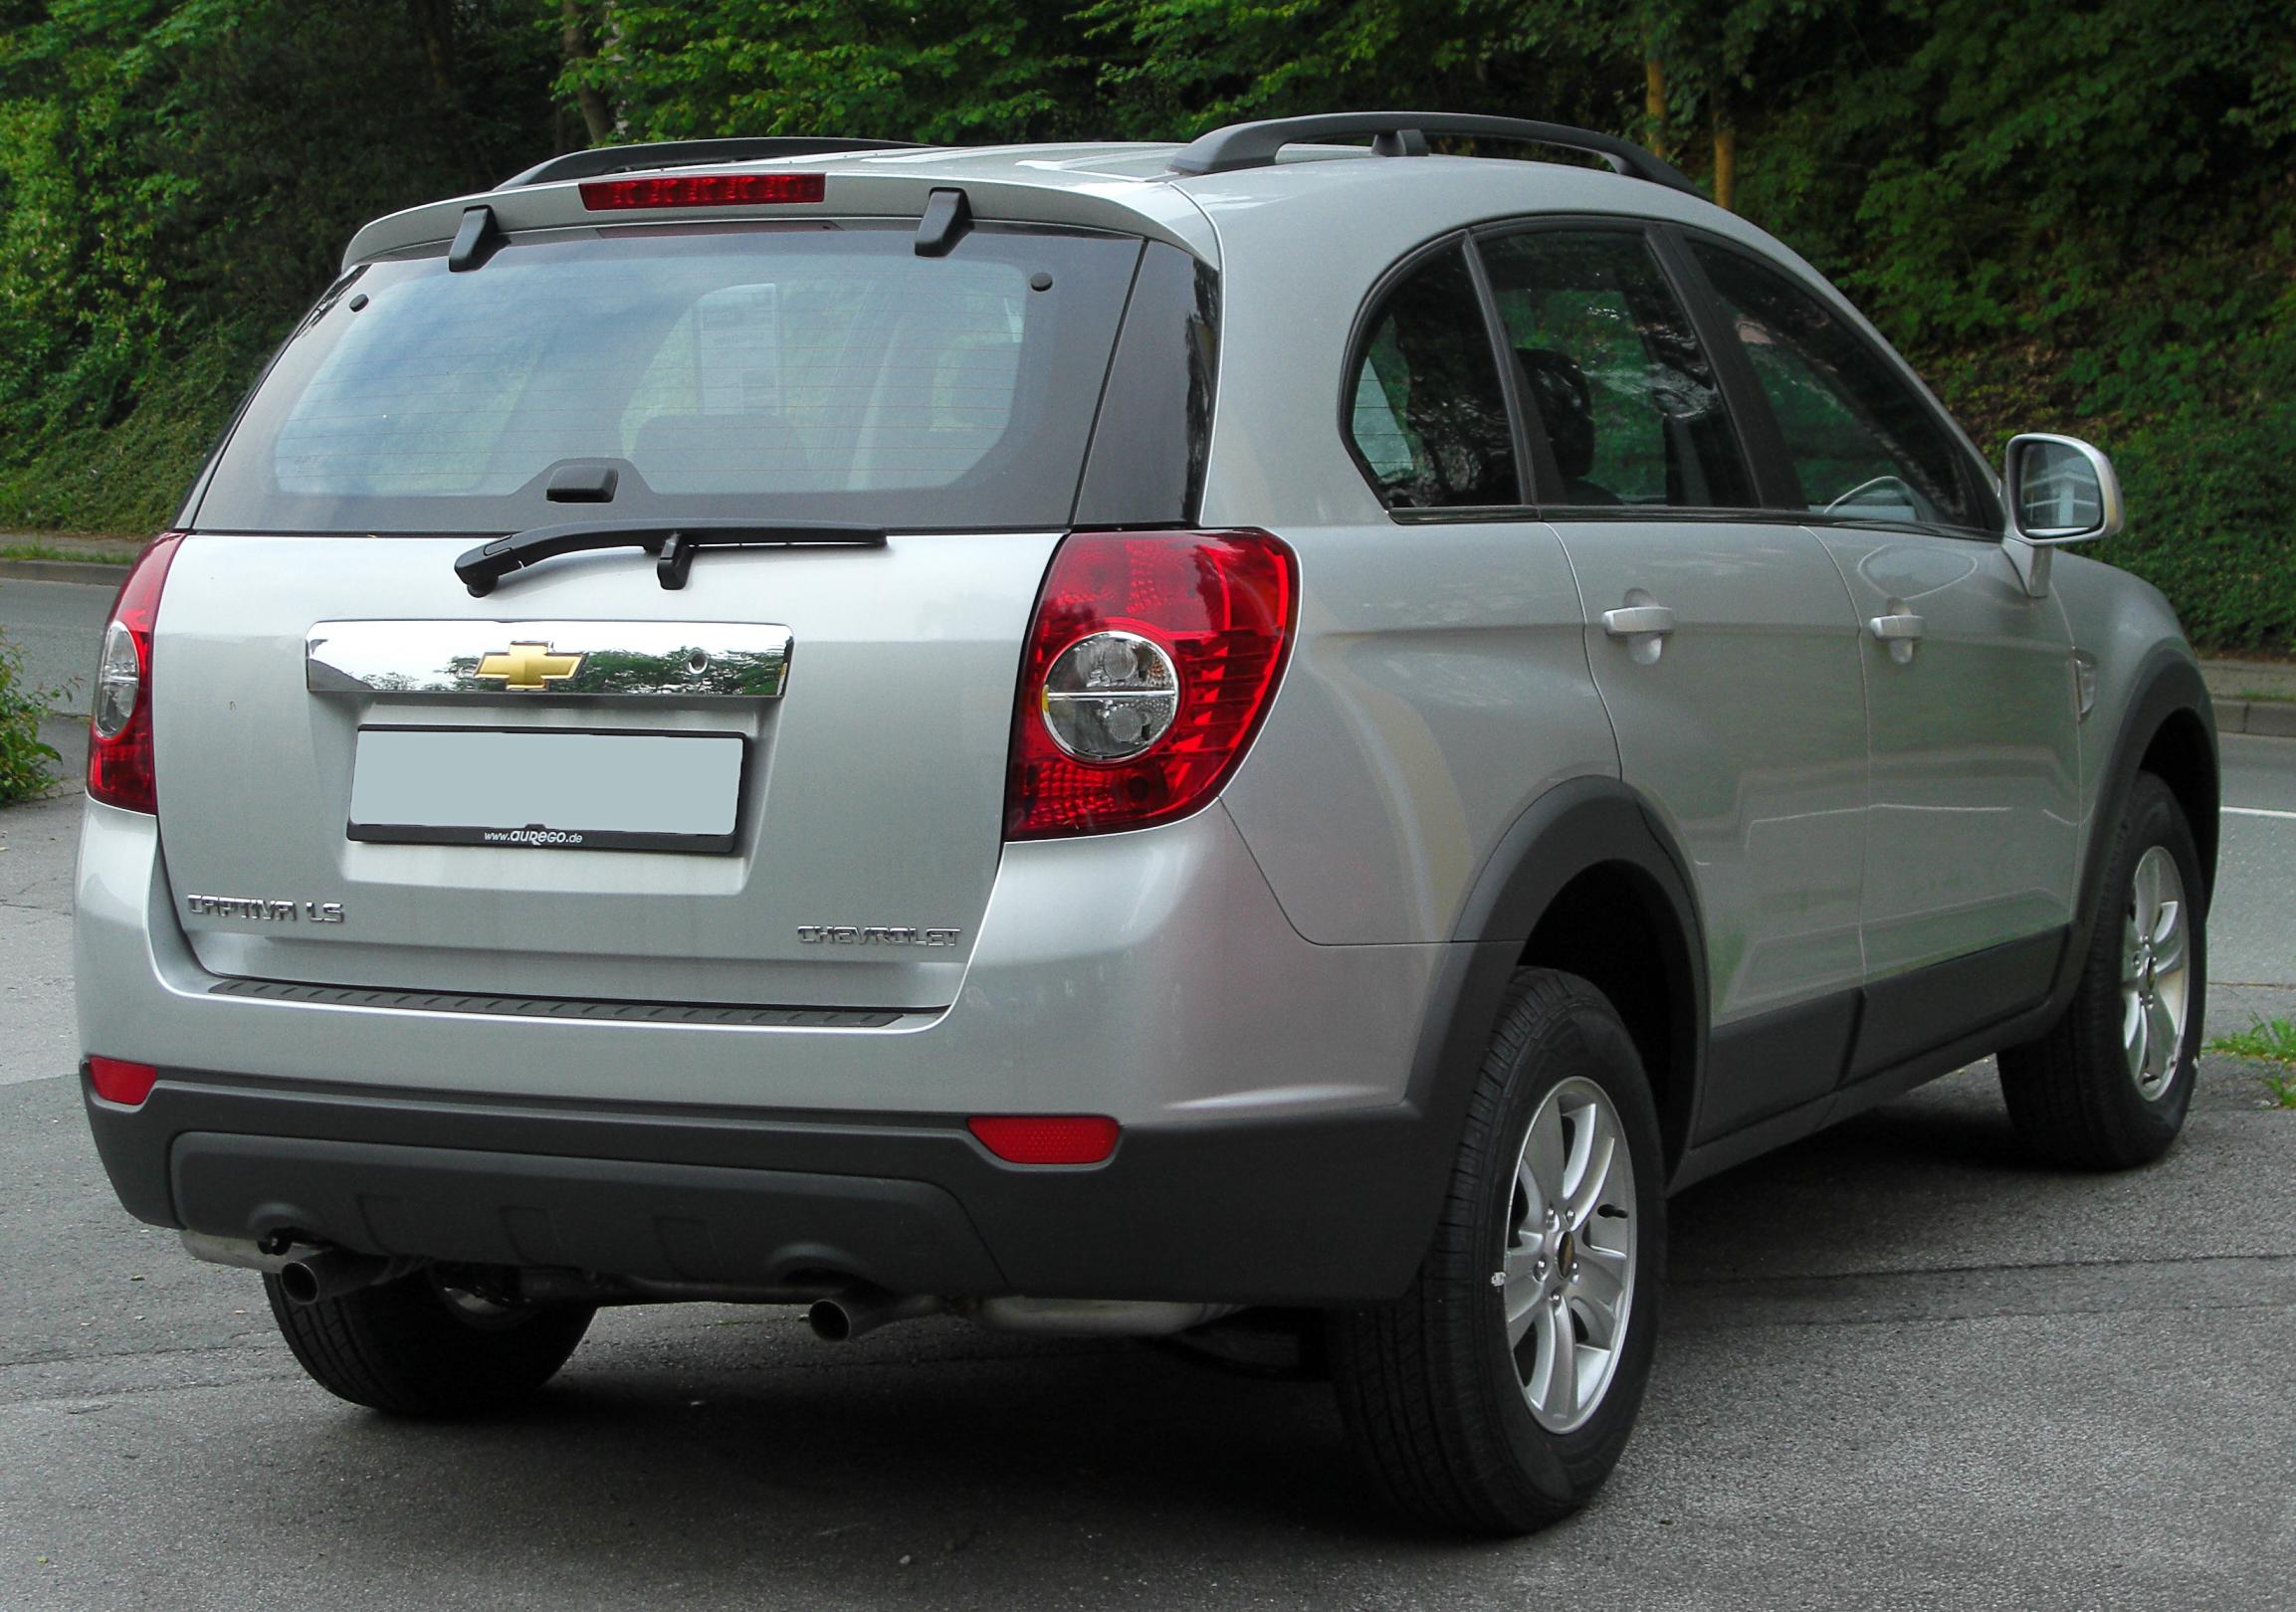 Description Chevrolet Captiva LS rear 20100601.jpg